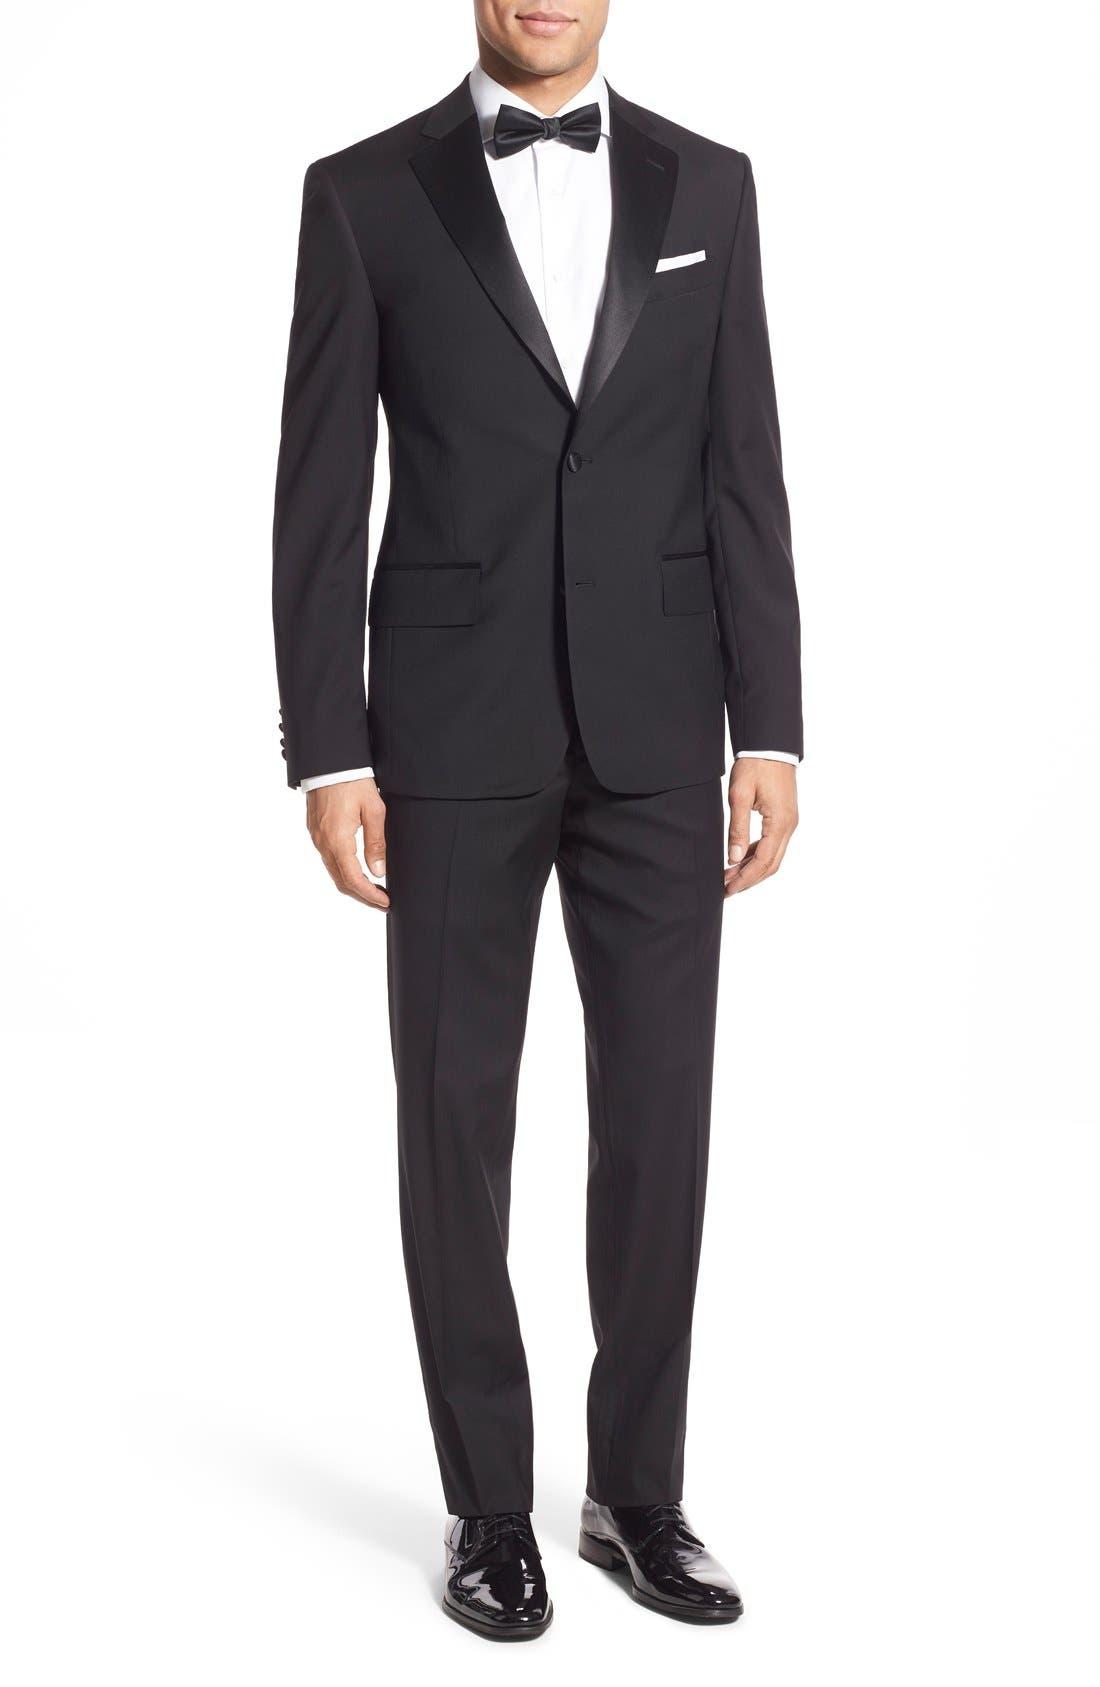 NORDSTROM MEN'S SHOP, Trim Fit Wool Tuxedo, Main thumbnail 1, color, BLACK